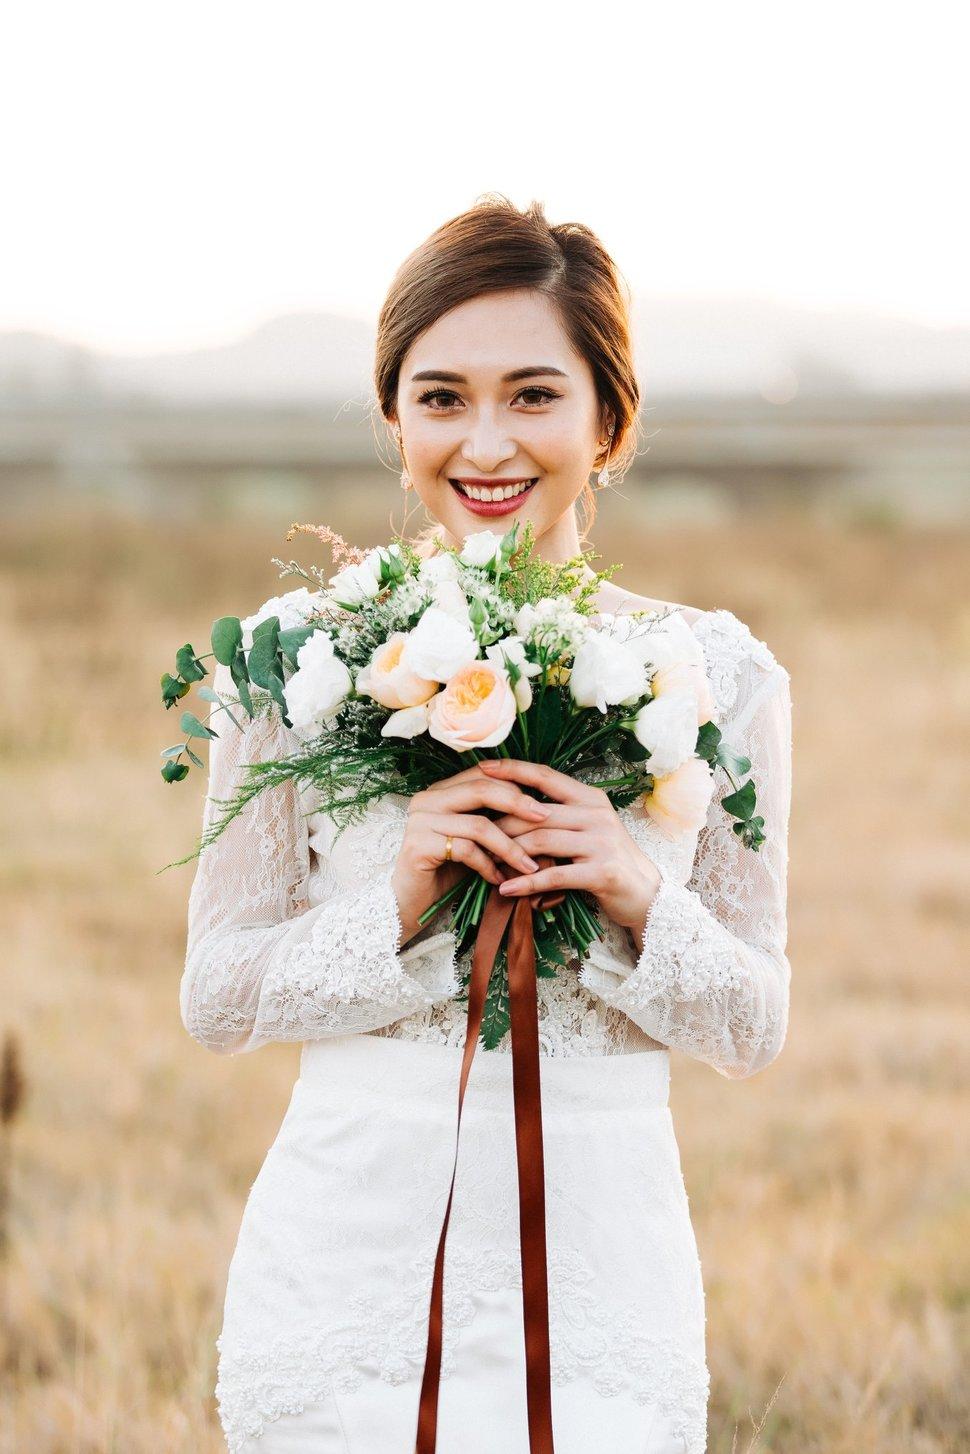 51885855_992430914213842_3909908247959568384_o - LINN  美式婚紗《結婚吧》